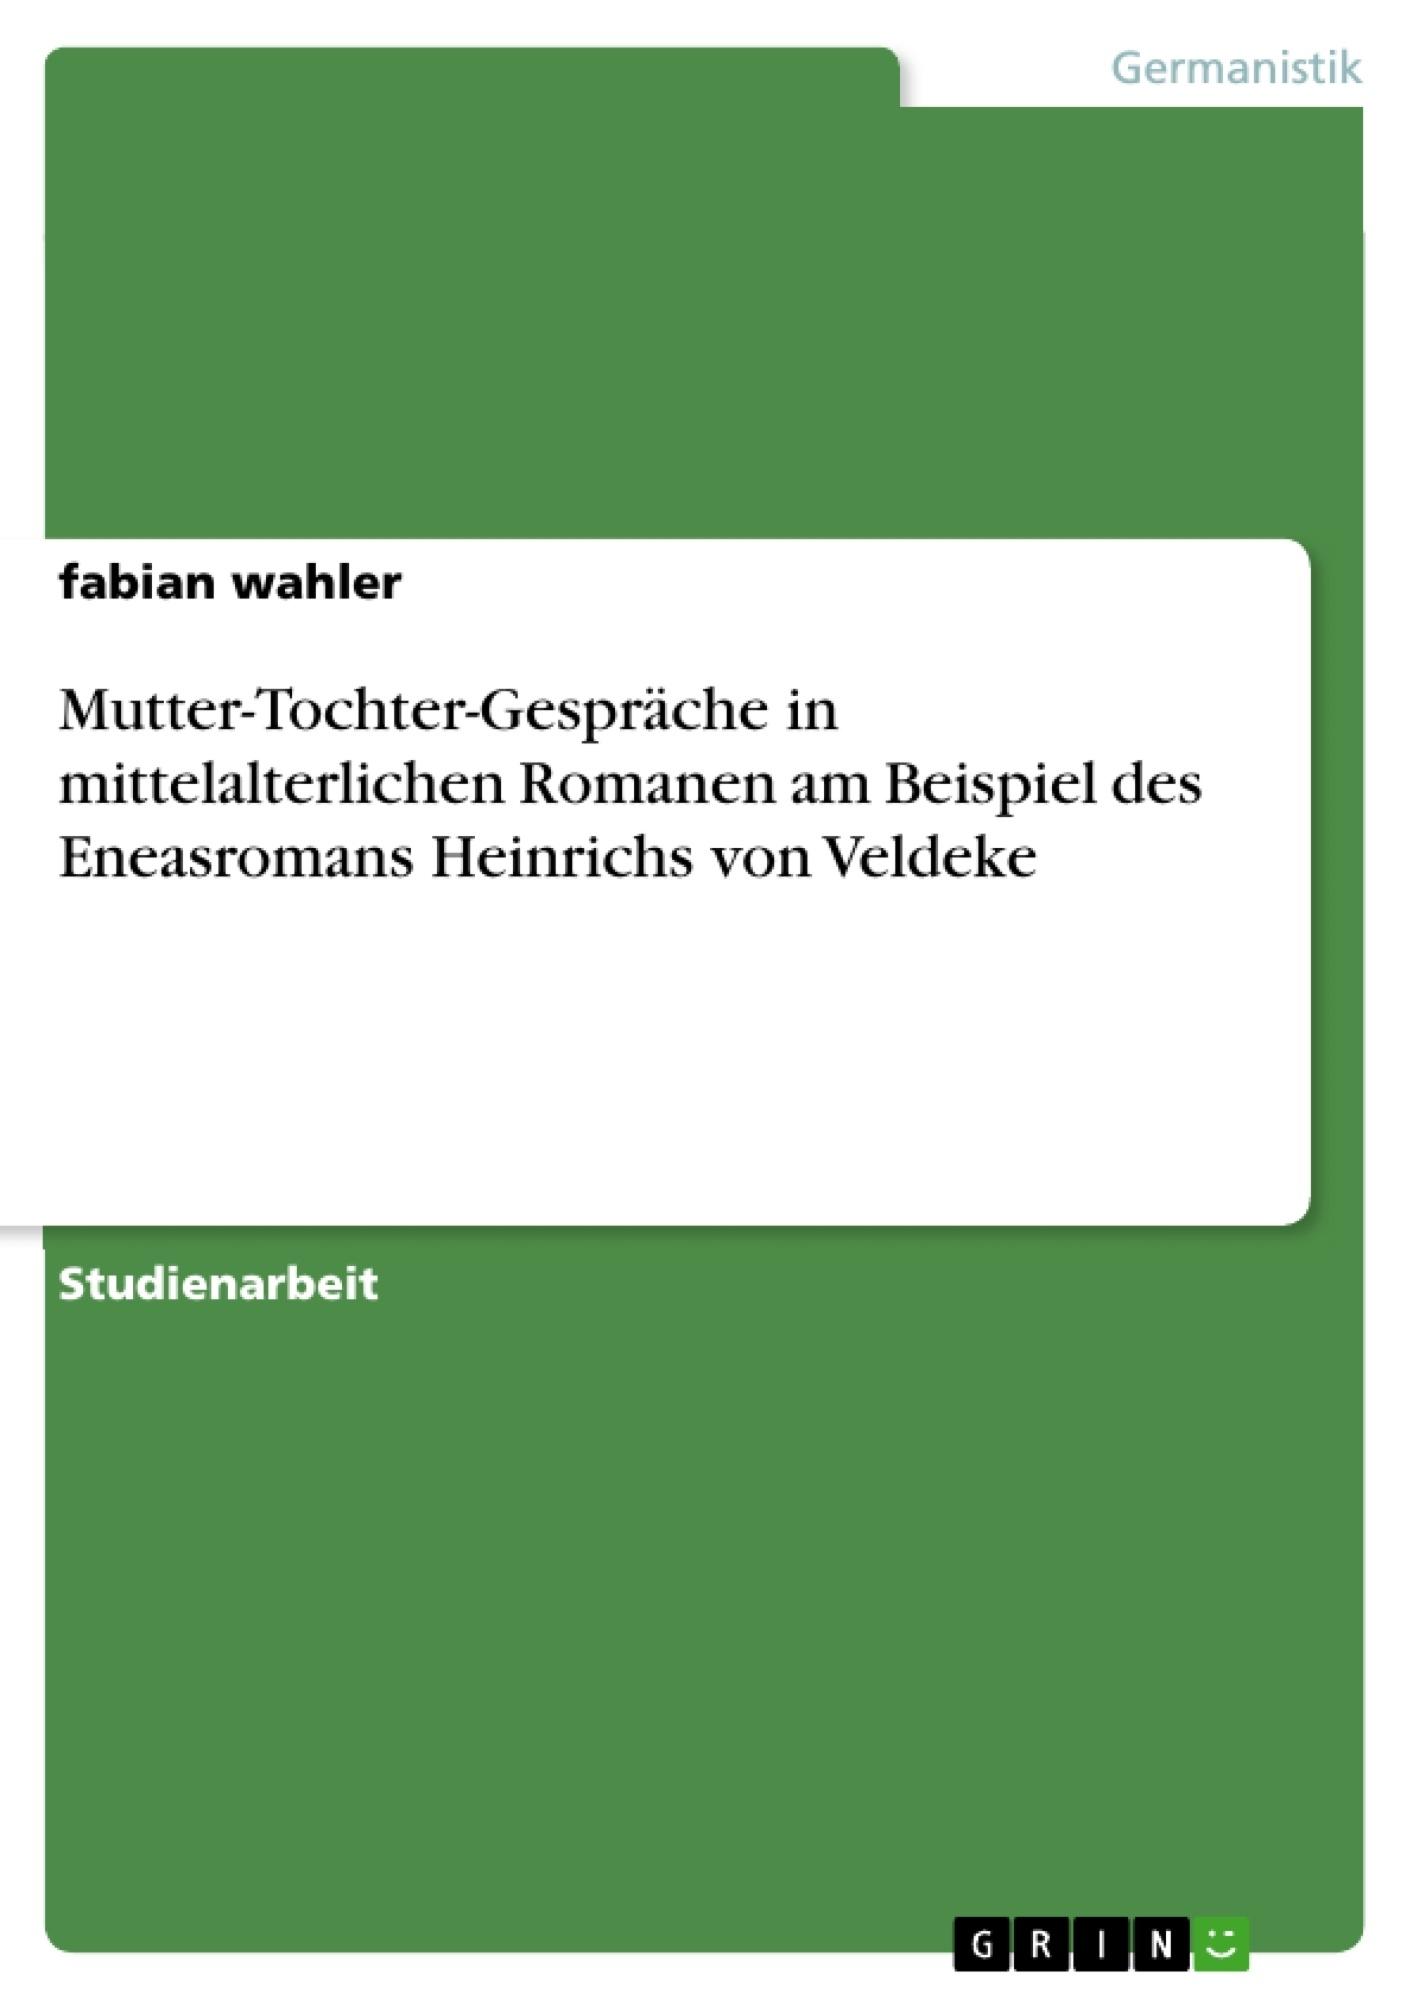 Titel: Mutter-Tochter-Gespräche in mittelalterlichen Romanen am Beispiel des Eneasromans Heinrichs von Veldeke